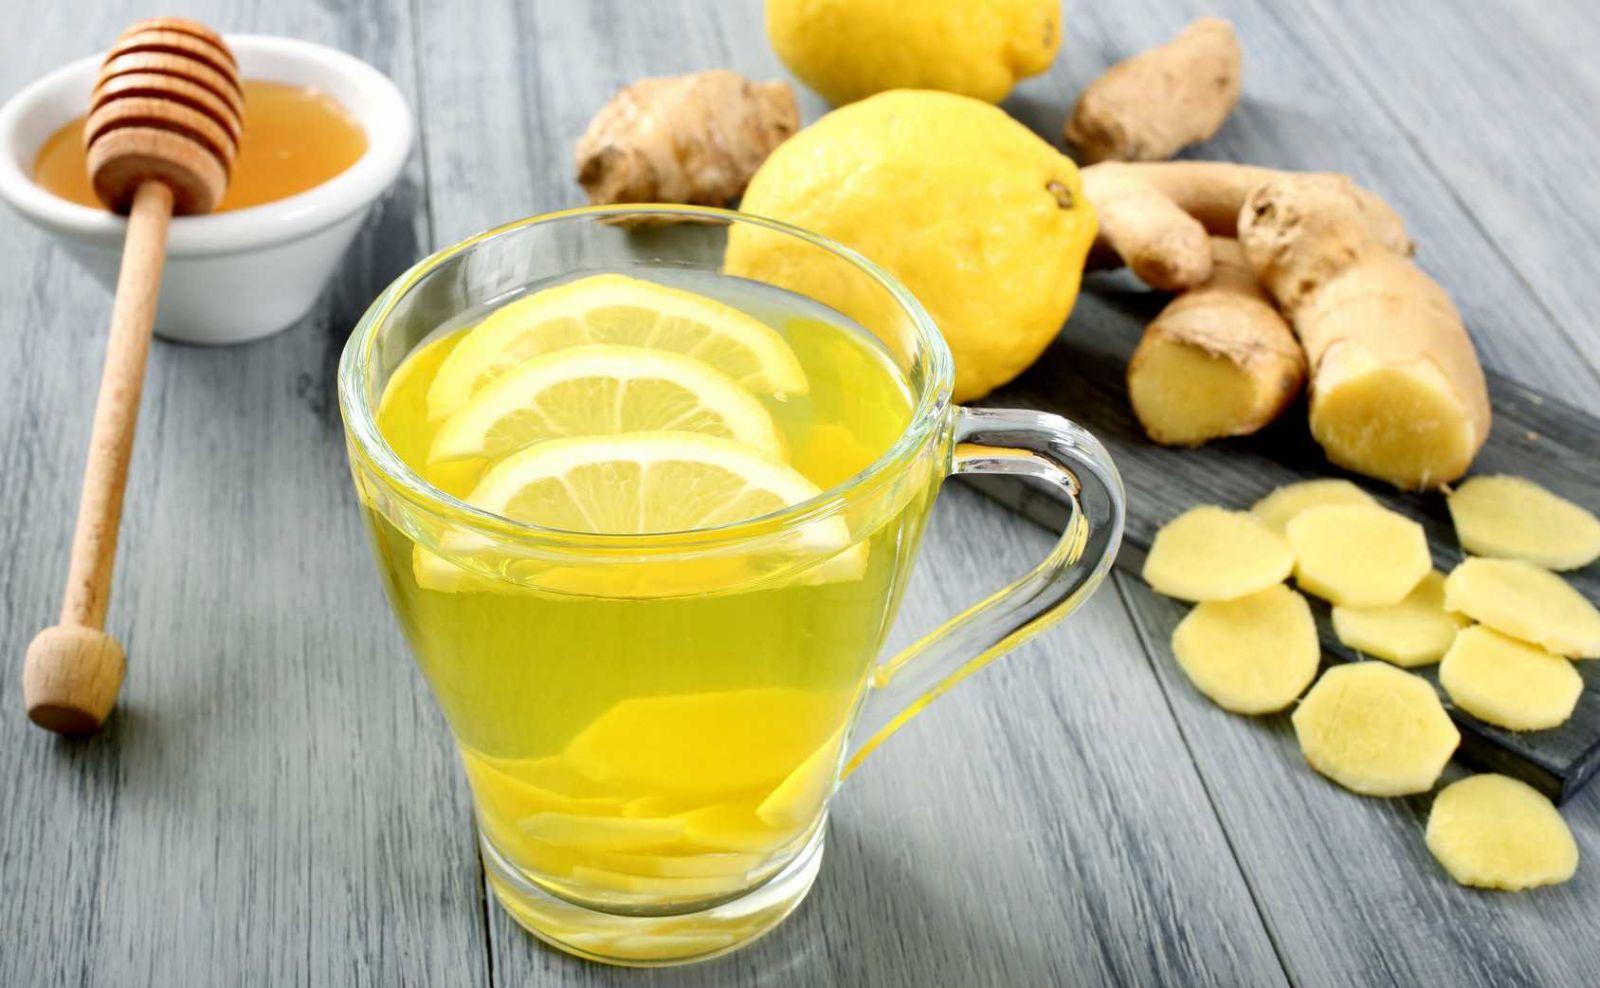 Вода с лимоном и имбирем для похудения